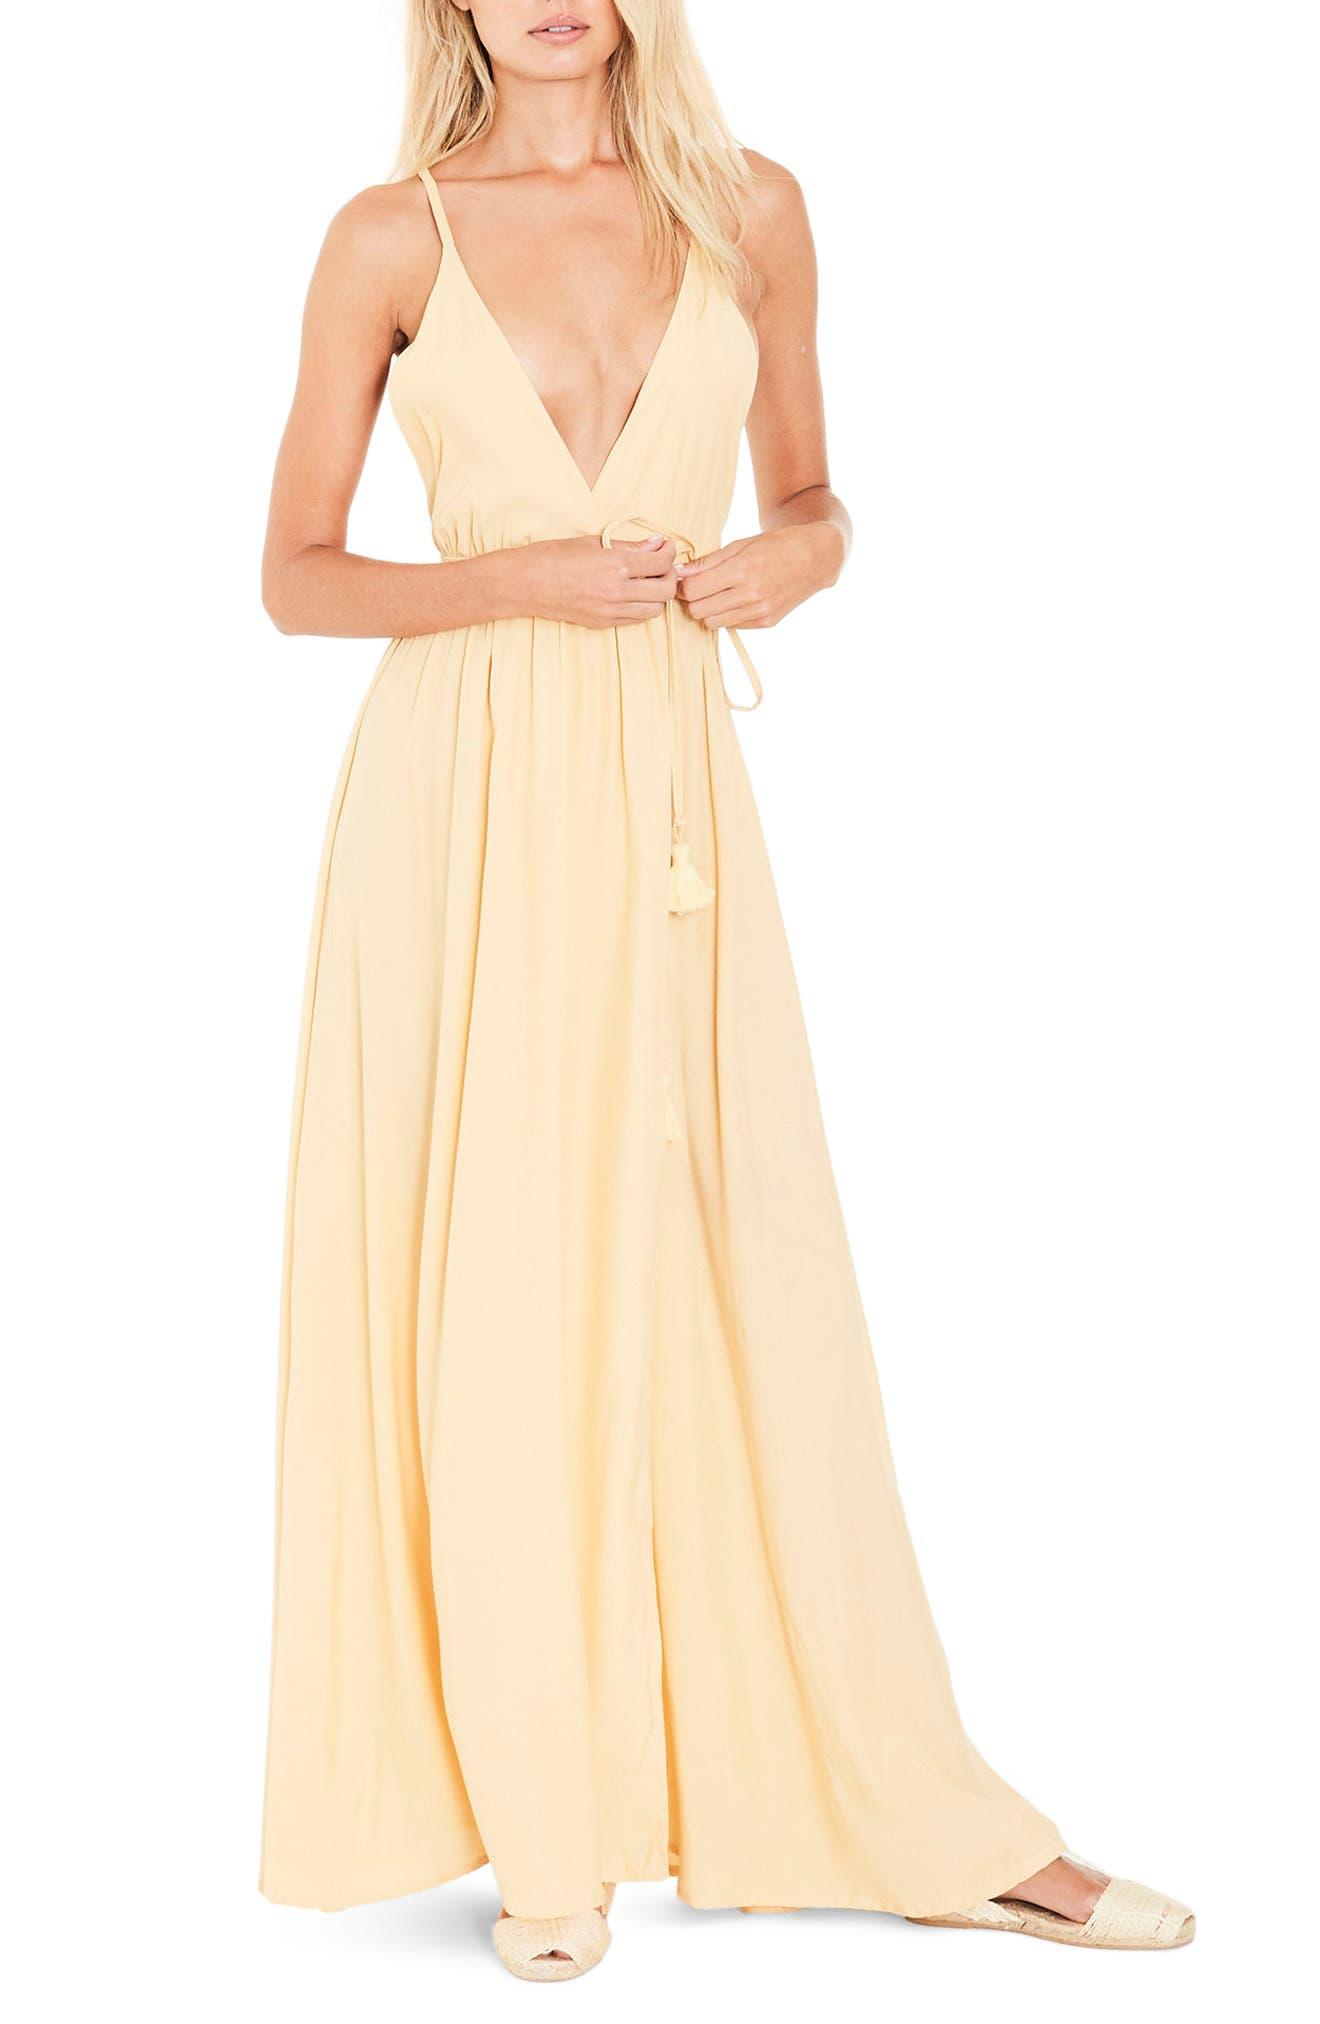 Santa Rose Strappy Maxi Dress,                             Main thumbnail 1, color,                             700